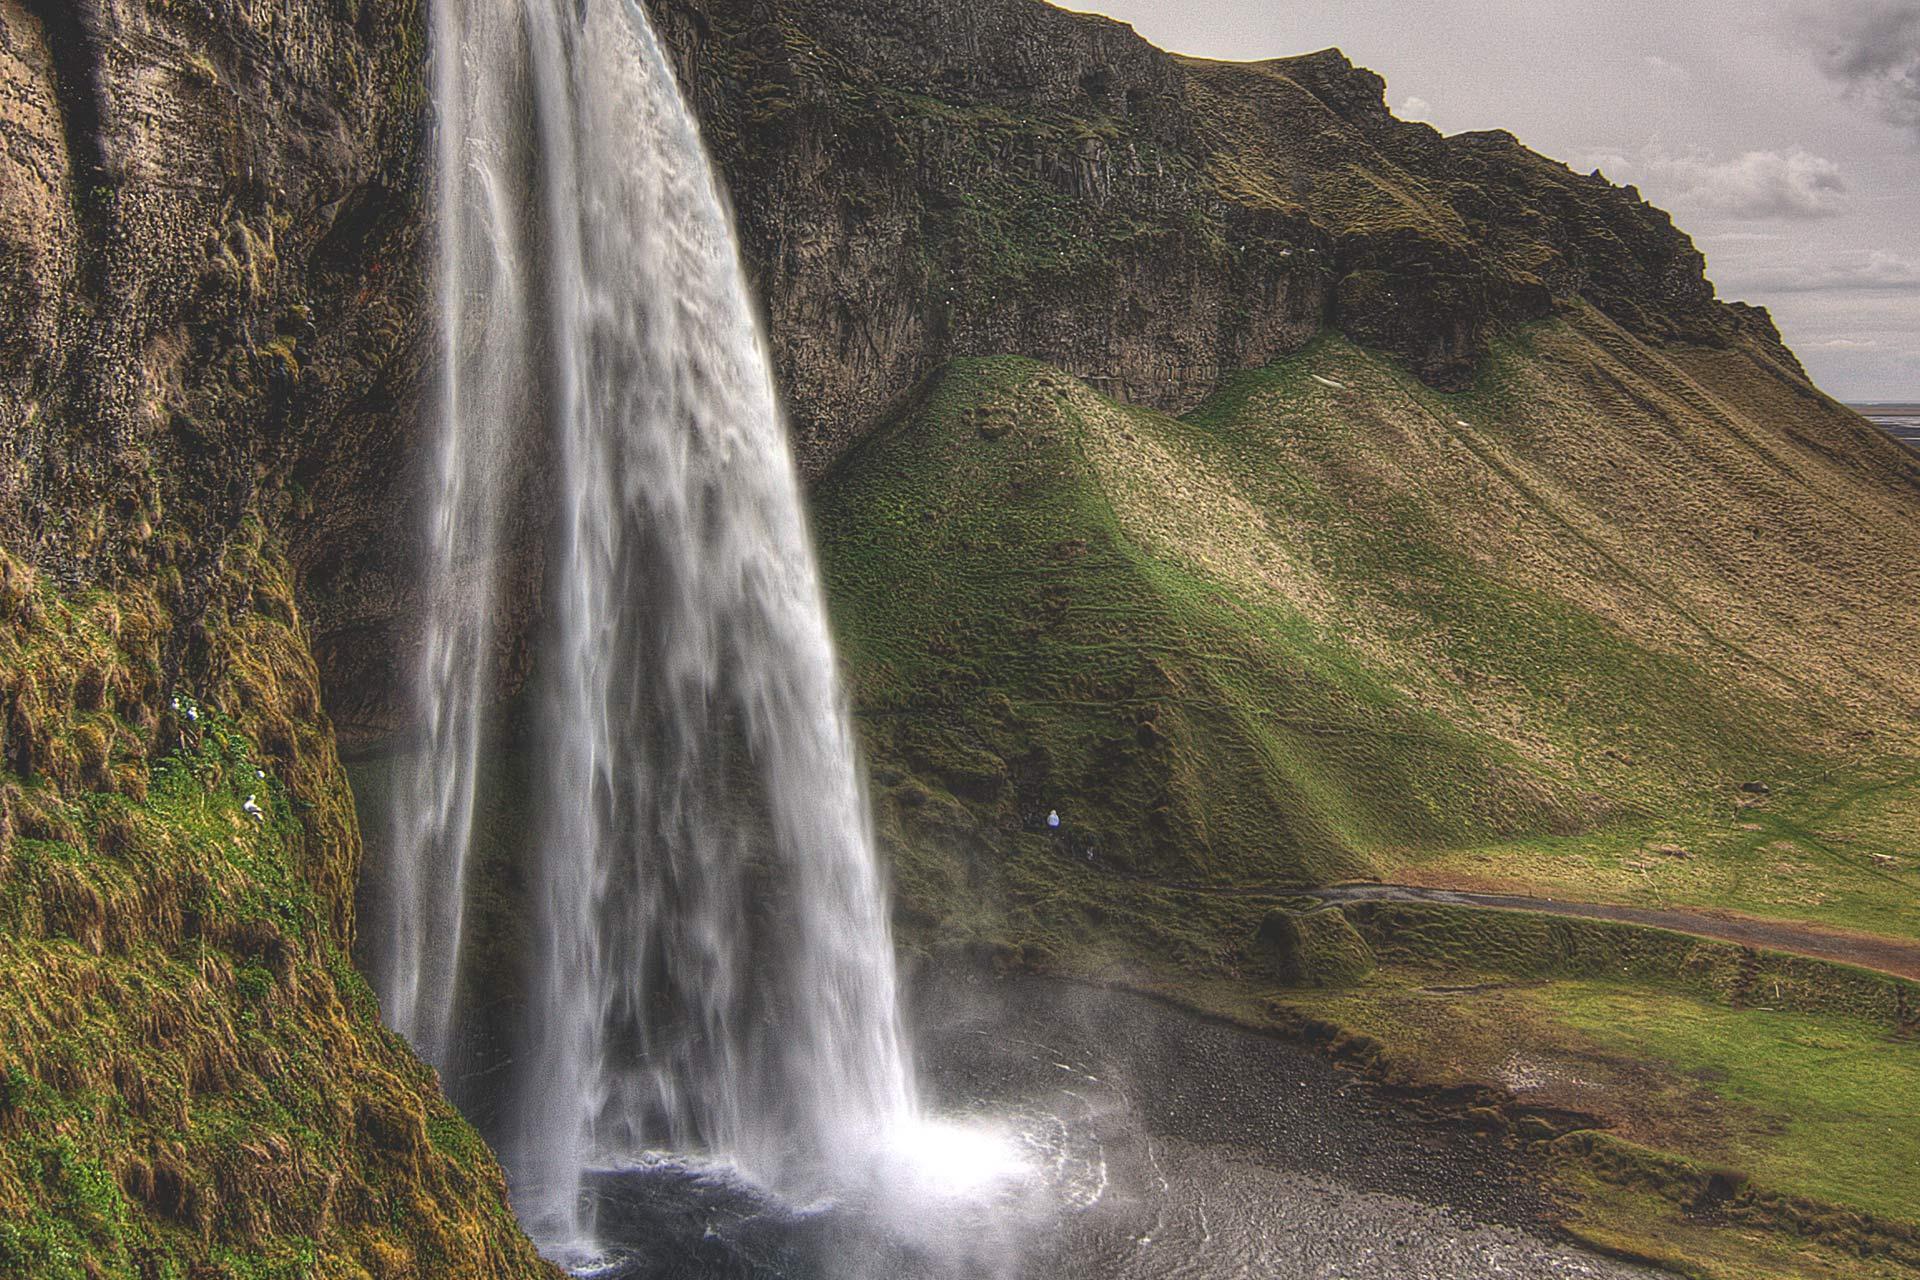 Découvrez la cascade Seljalandsfoss qui dévalise les falaises de la côte sud lors d'une excursion de quatre jours dans le sud de l'Islande.